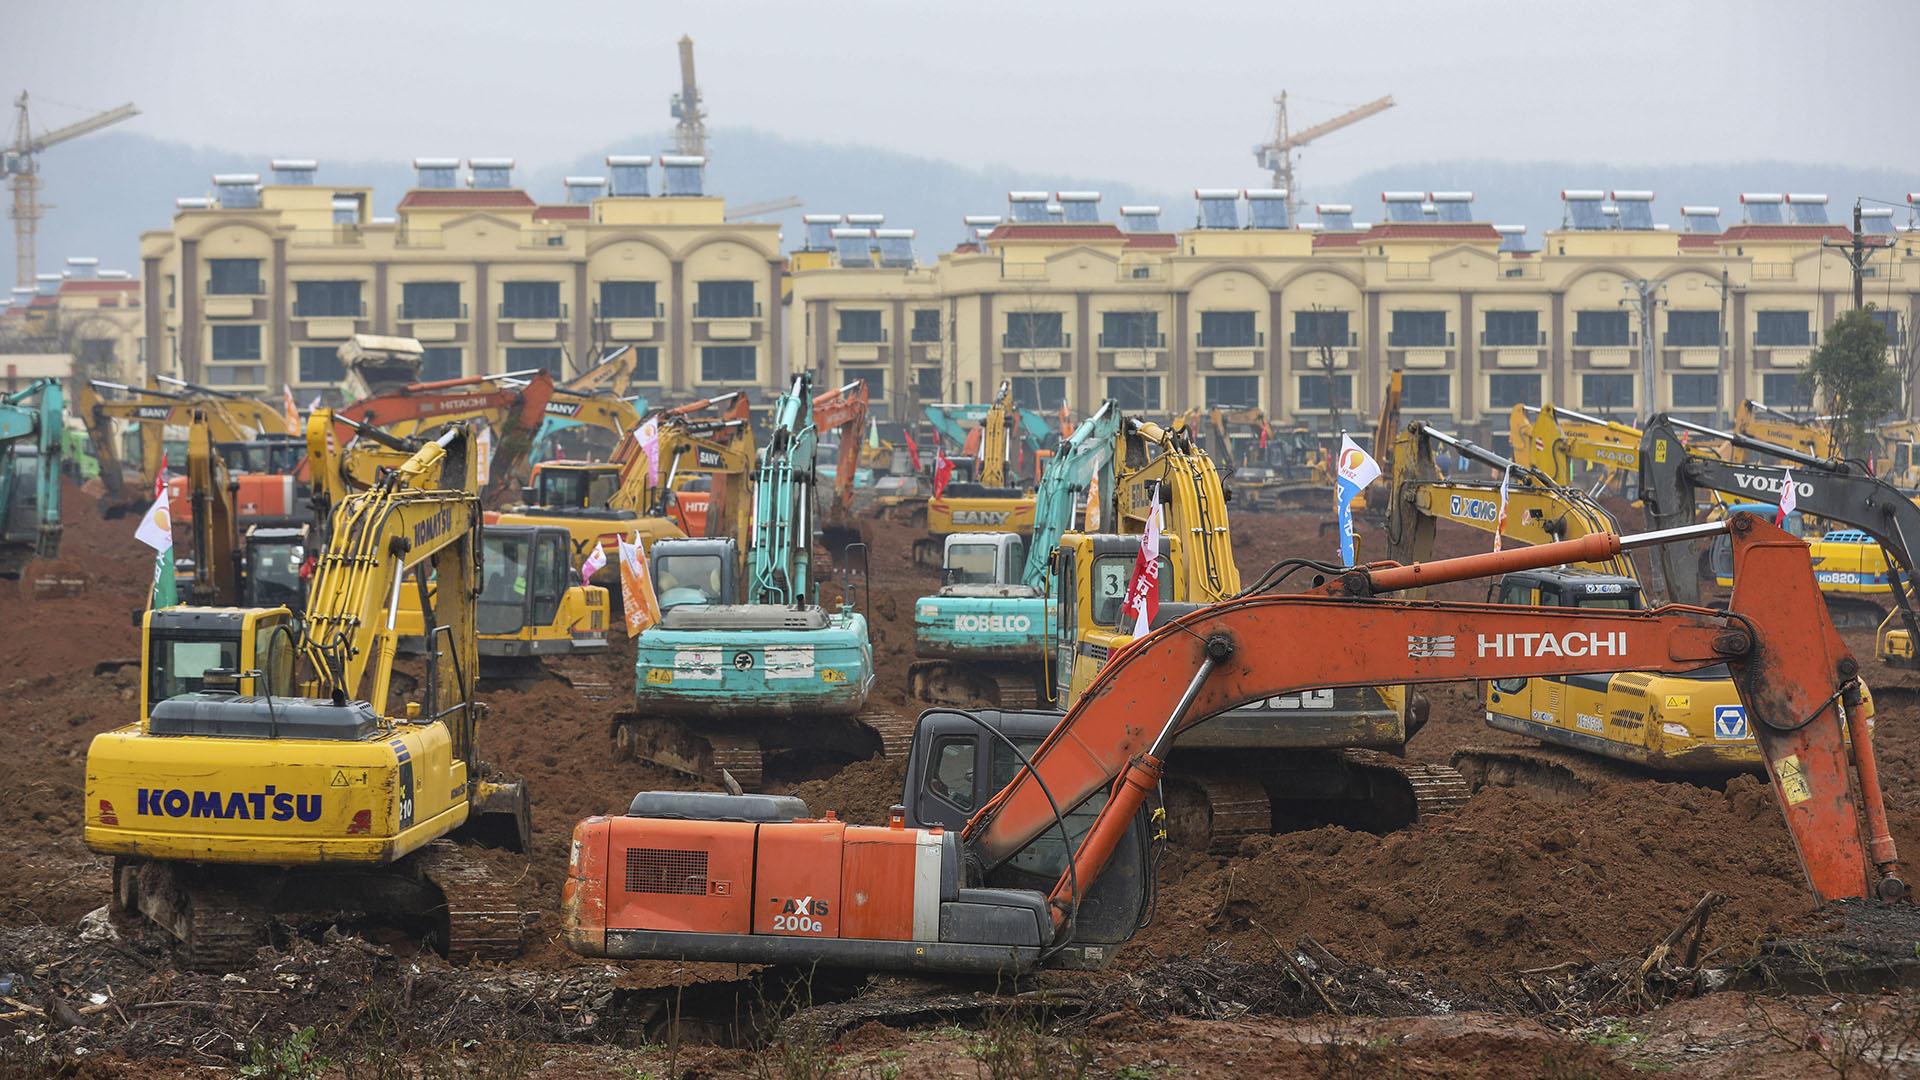 El equipo pesado está estacionado en el sitio de construcción de un hospital de campaña en Wuhan, en la provincia central china de Hubei, el viernes 24 de enero de 2020. (China Topix vía AP)